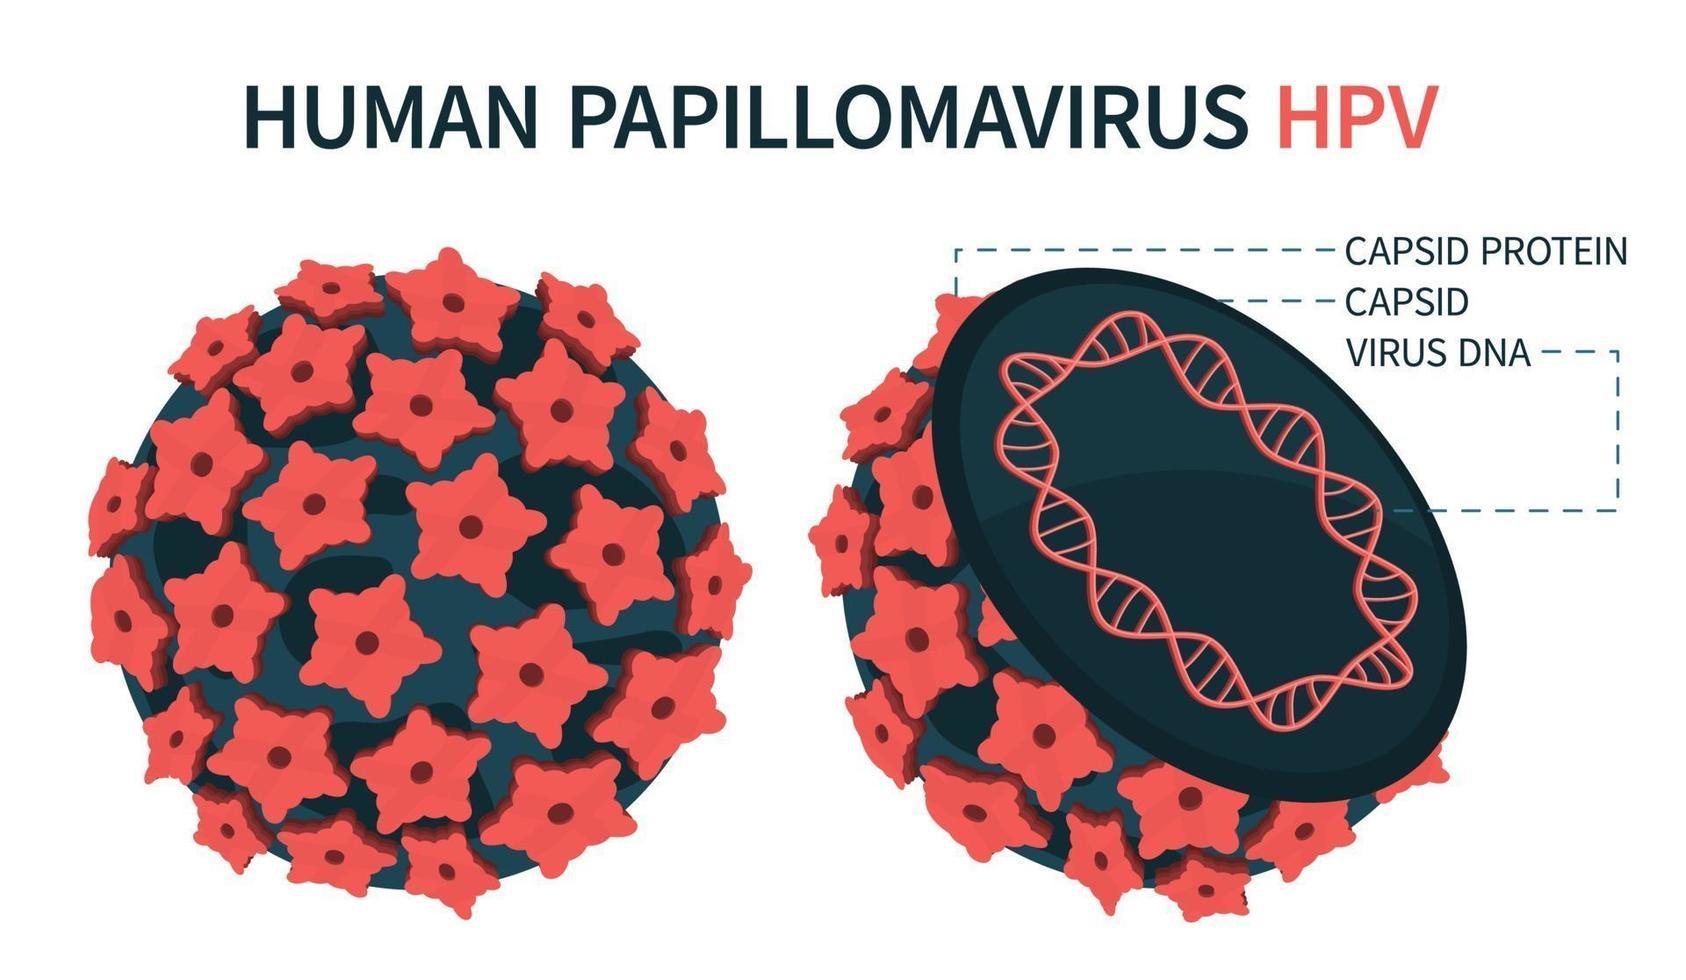 uma estrutura esquemática ampliada do vírus do papiloma vetor